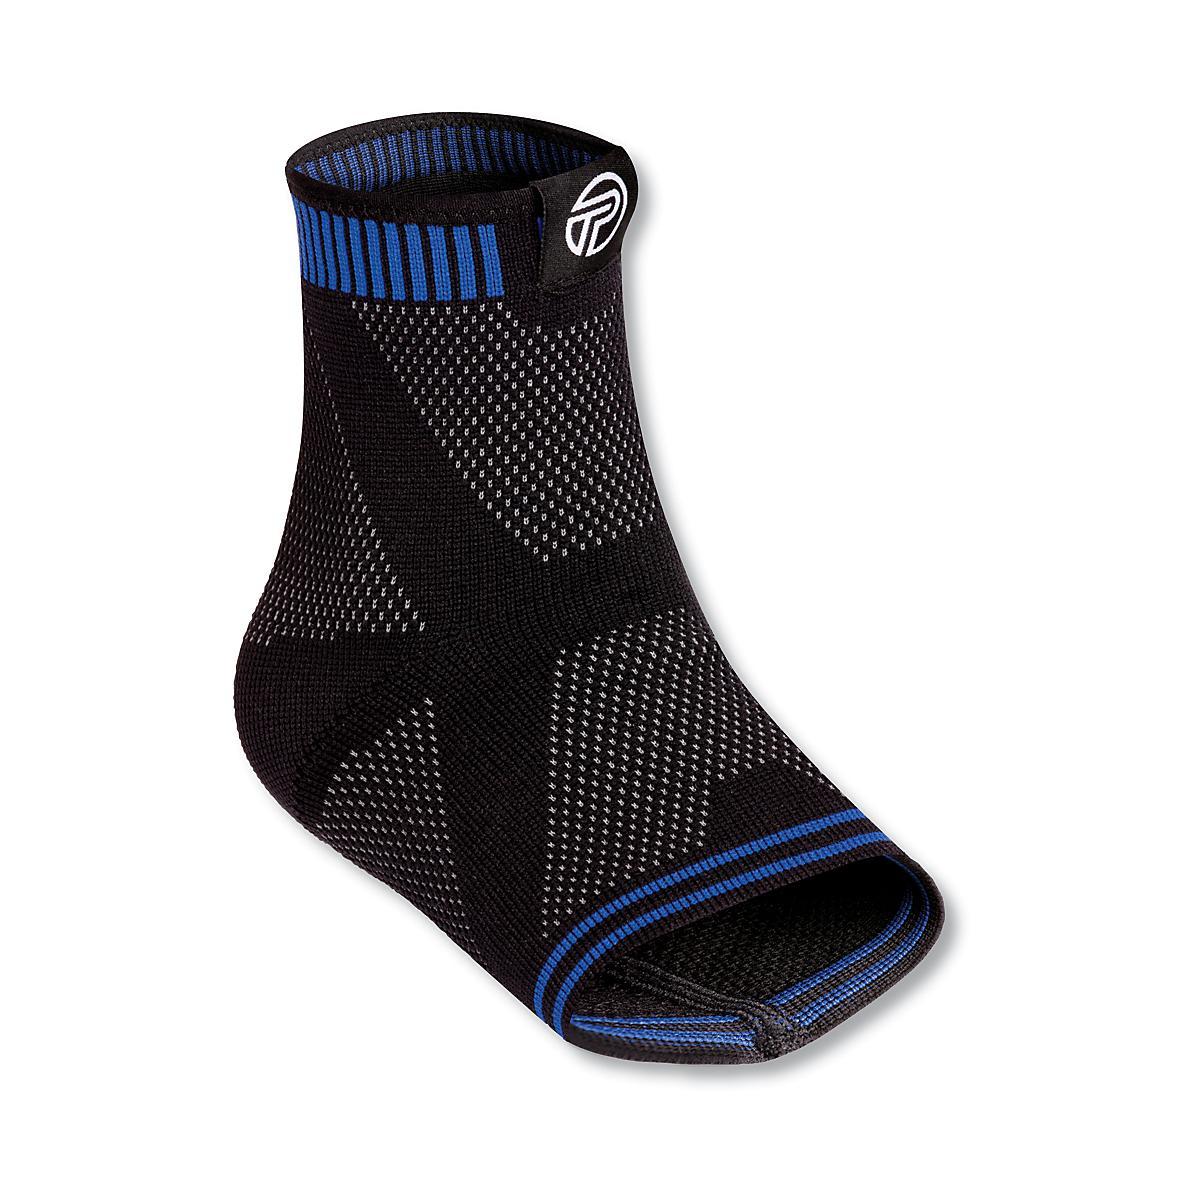 Pro-Tec Athletics�3D Flat Ankle Sleeve